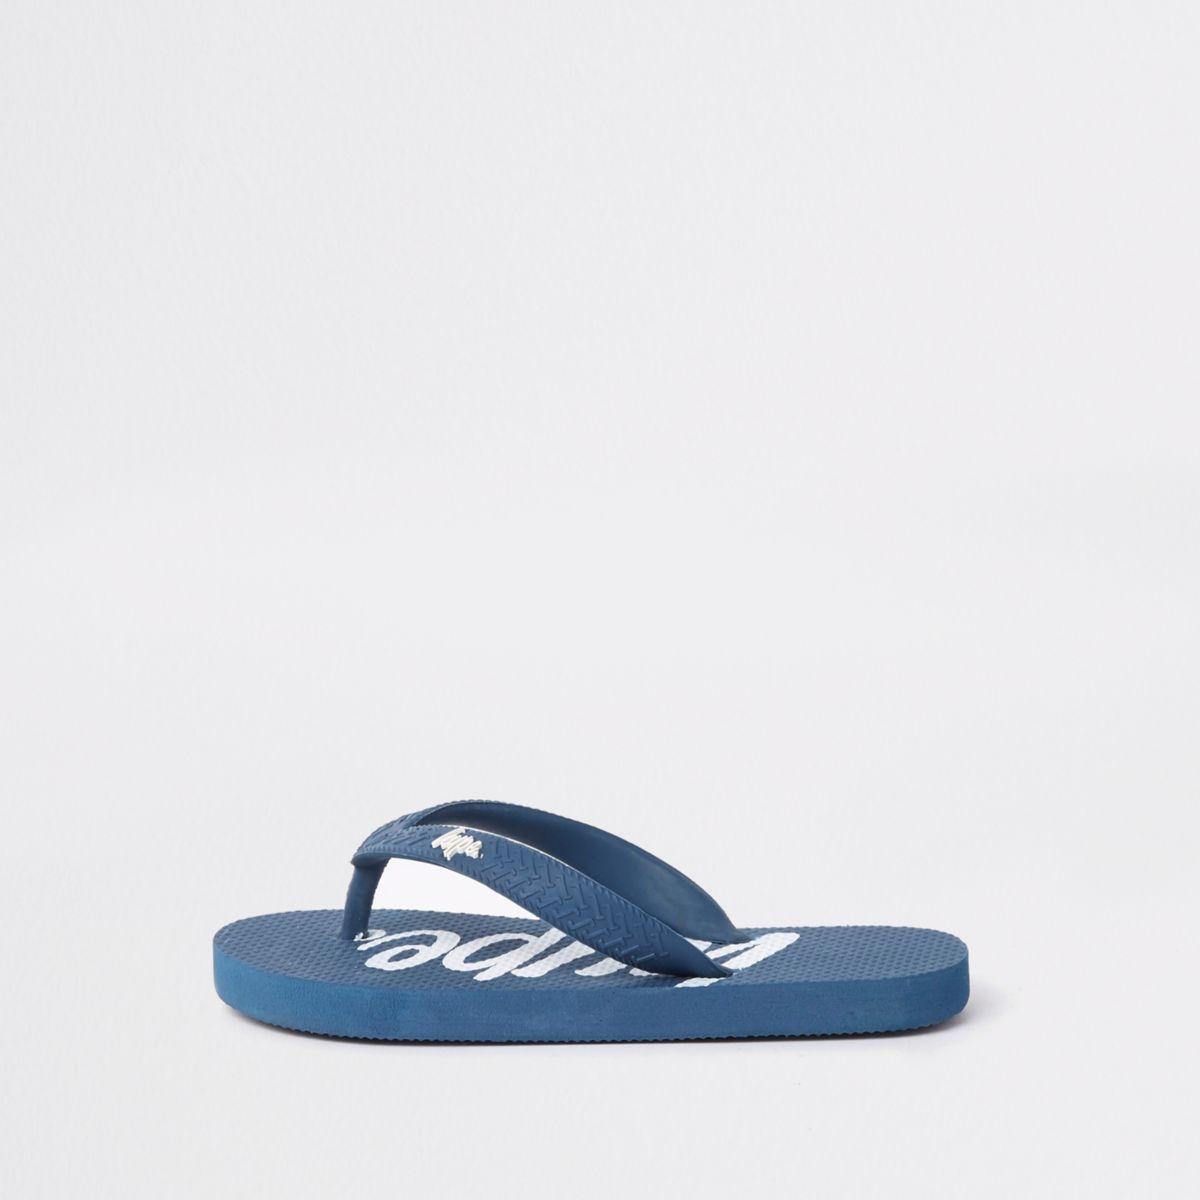 Boys navy Hype flip flops